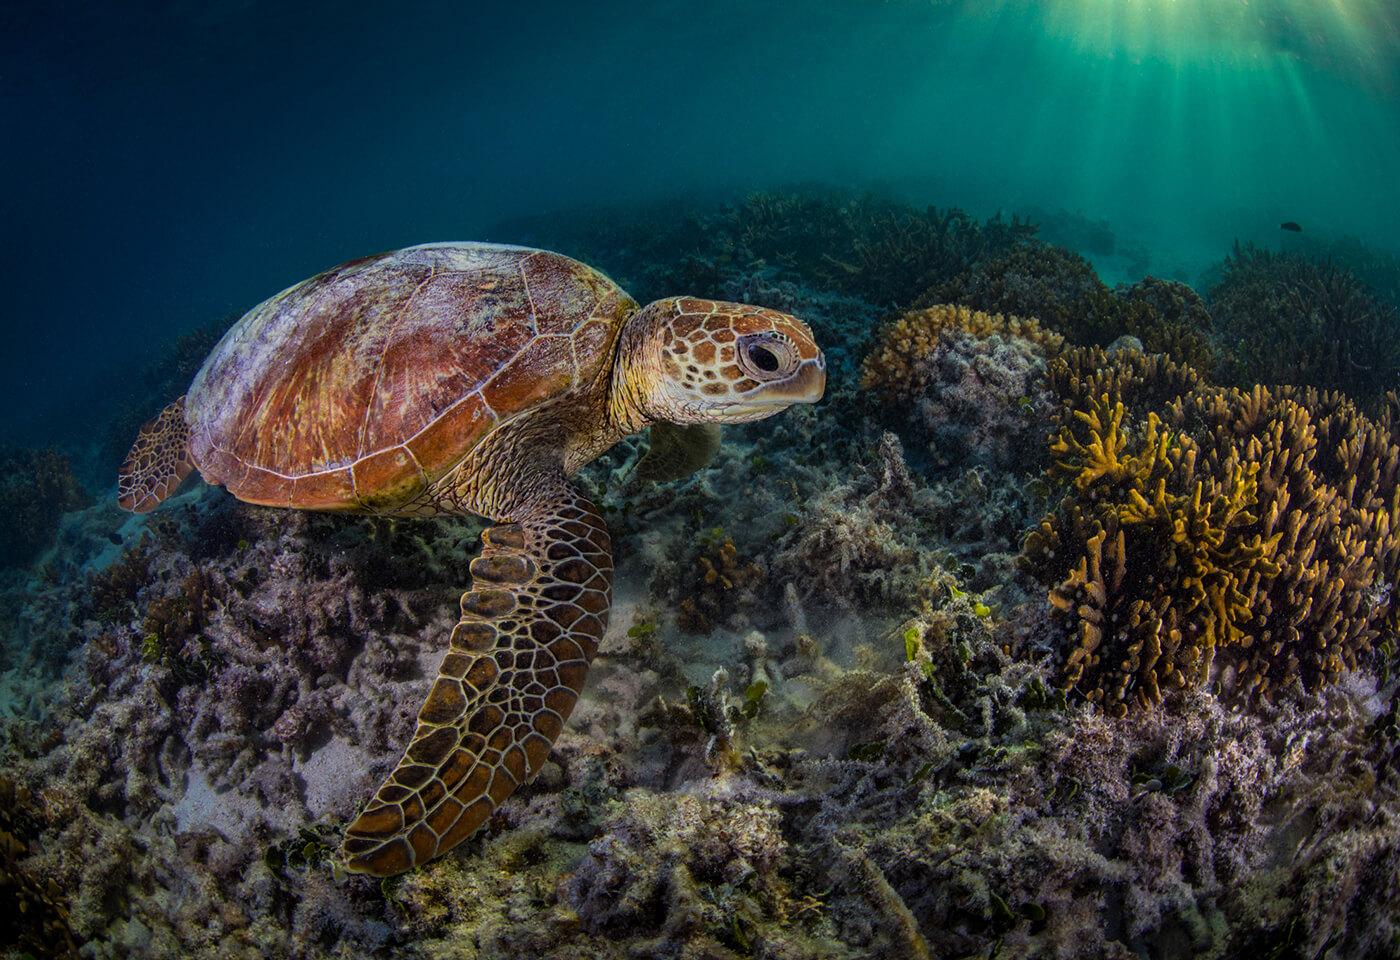 Underwater turtles by Greg Sullavan